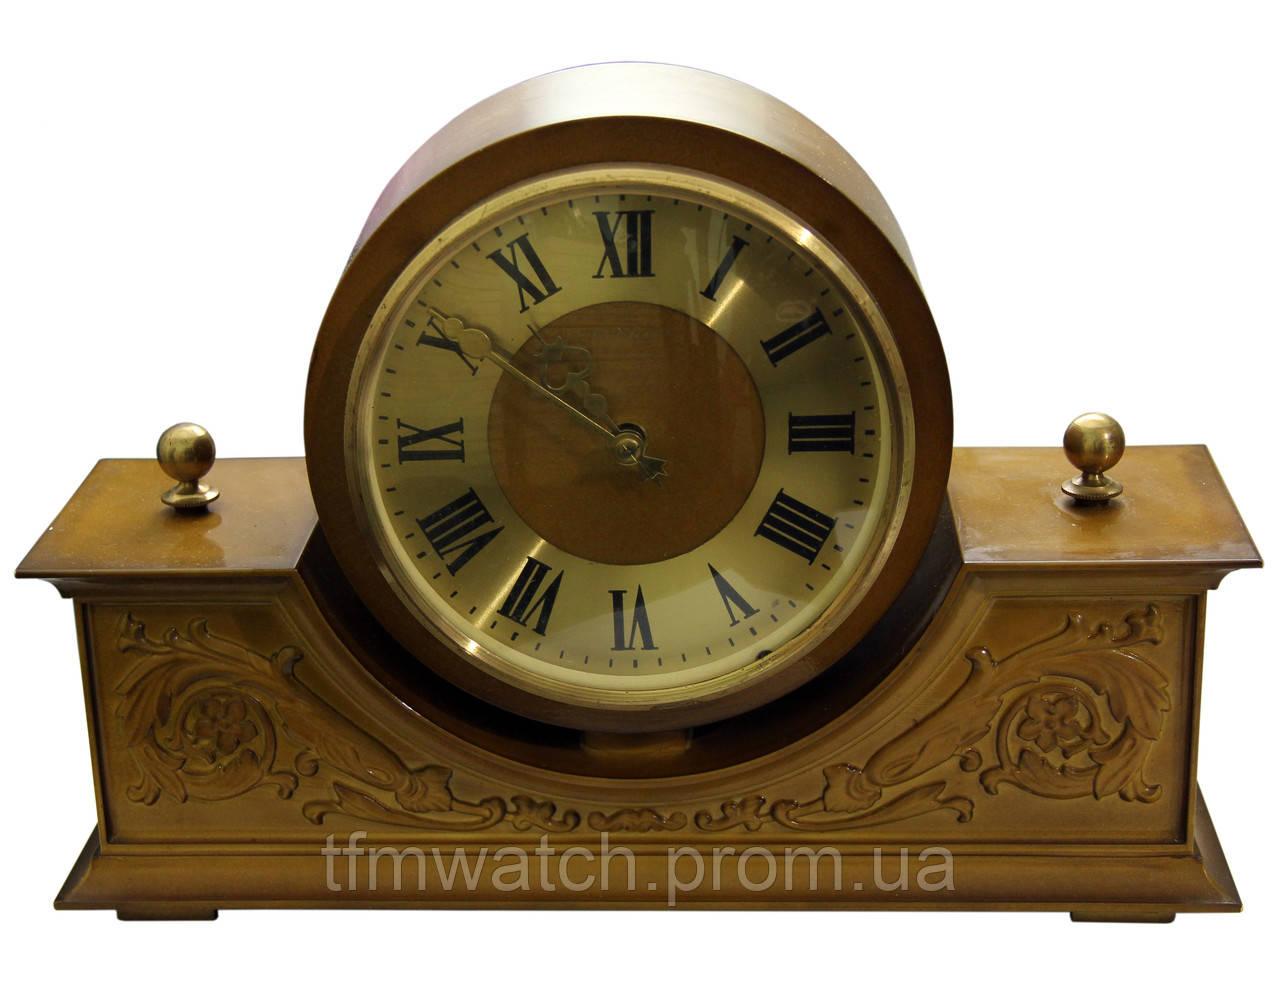 Настольные часы в деревянном корпусе